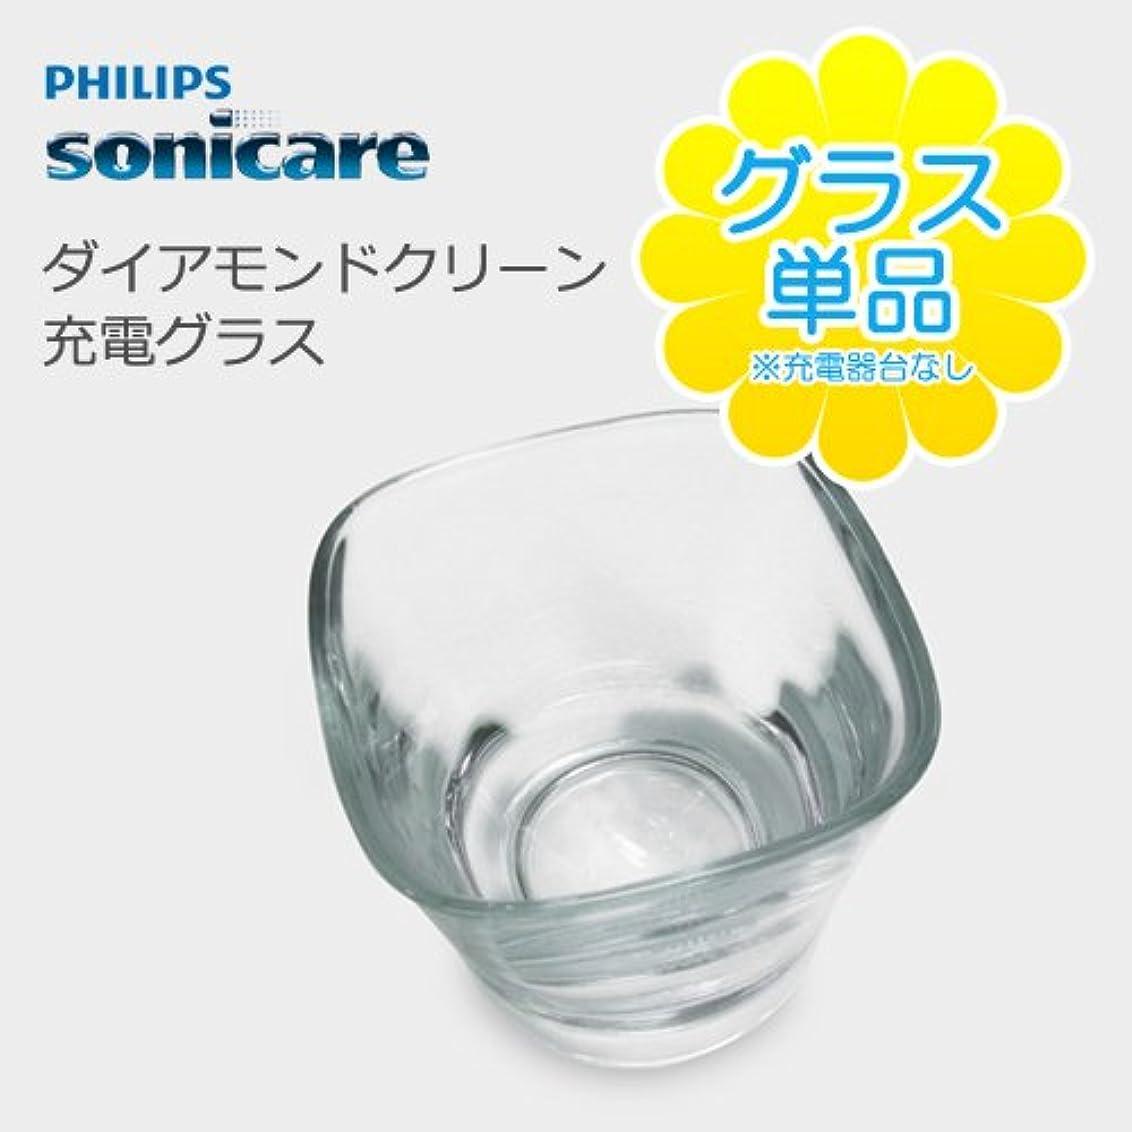 クアッガマニアック漏斗PHILIPS sonicare DiamondClean 充電グラス(単品) ソニッケアーダイヤモンドクリーンをお持ちの方におすすめ!充電グラスのみの販売です HX9303/04 HX9353/54 HX9333/04...